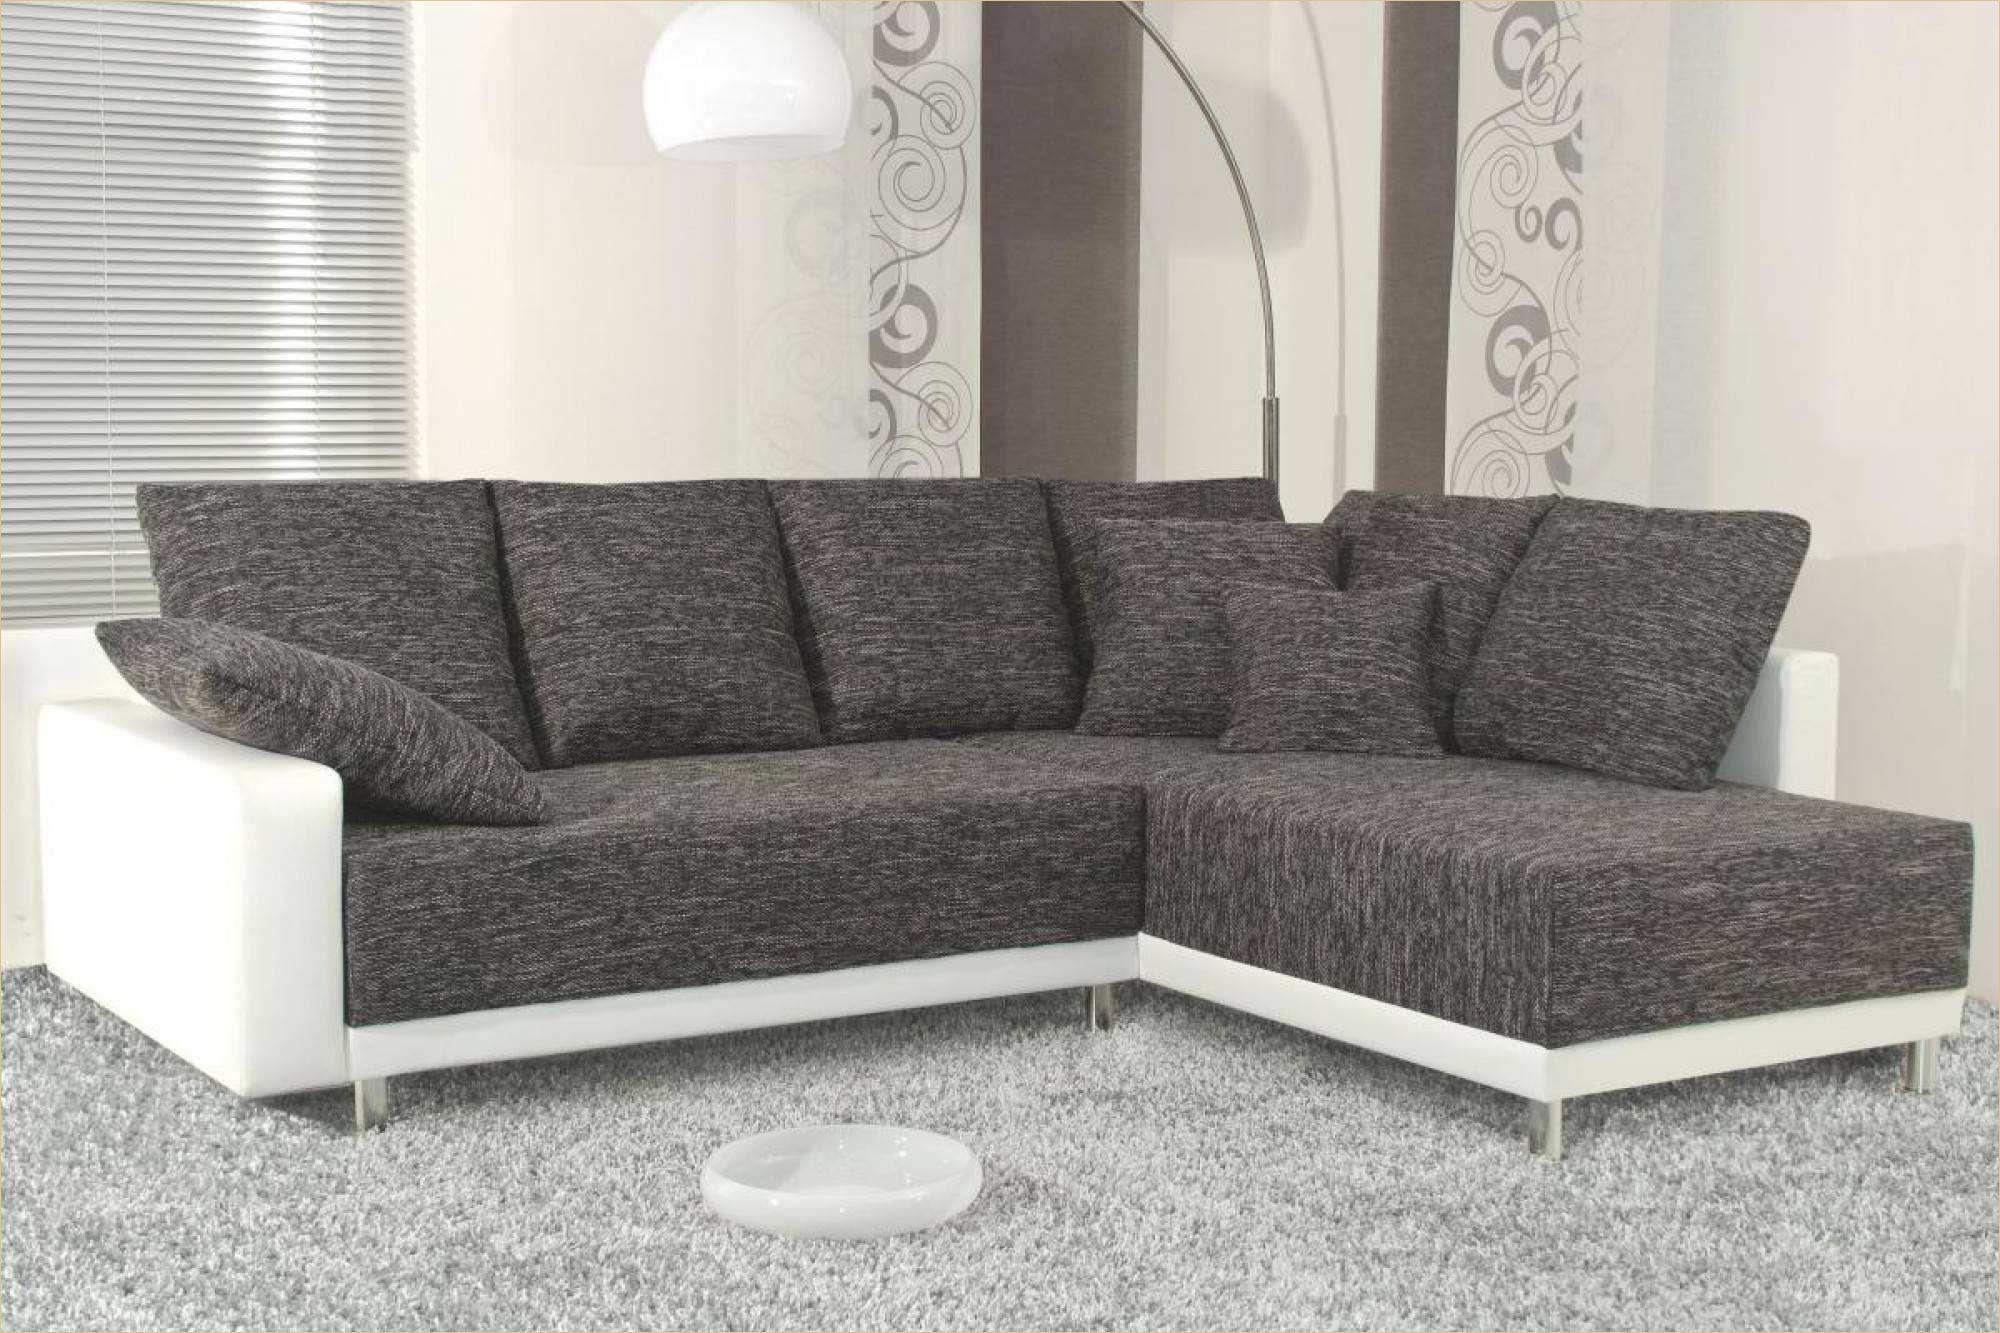 13 Grossartig Poco Garten In 2020 Sofa Mit Schlaffunktion Moderne Couch Haus Deko